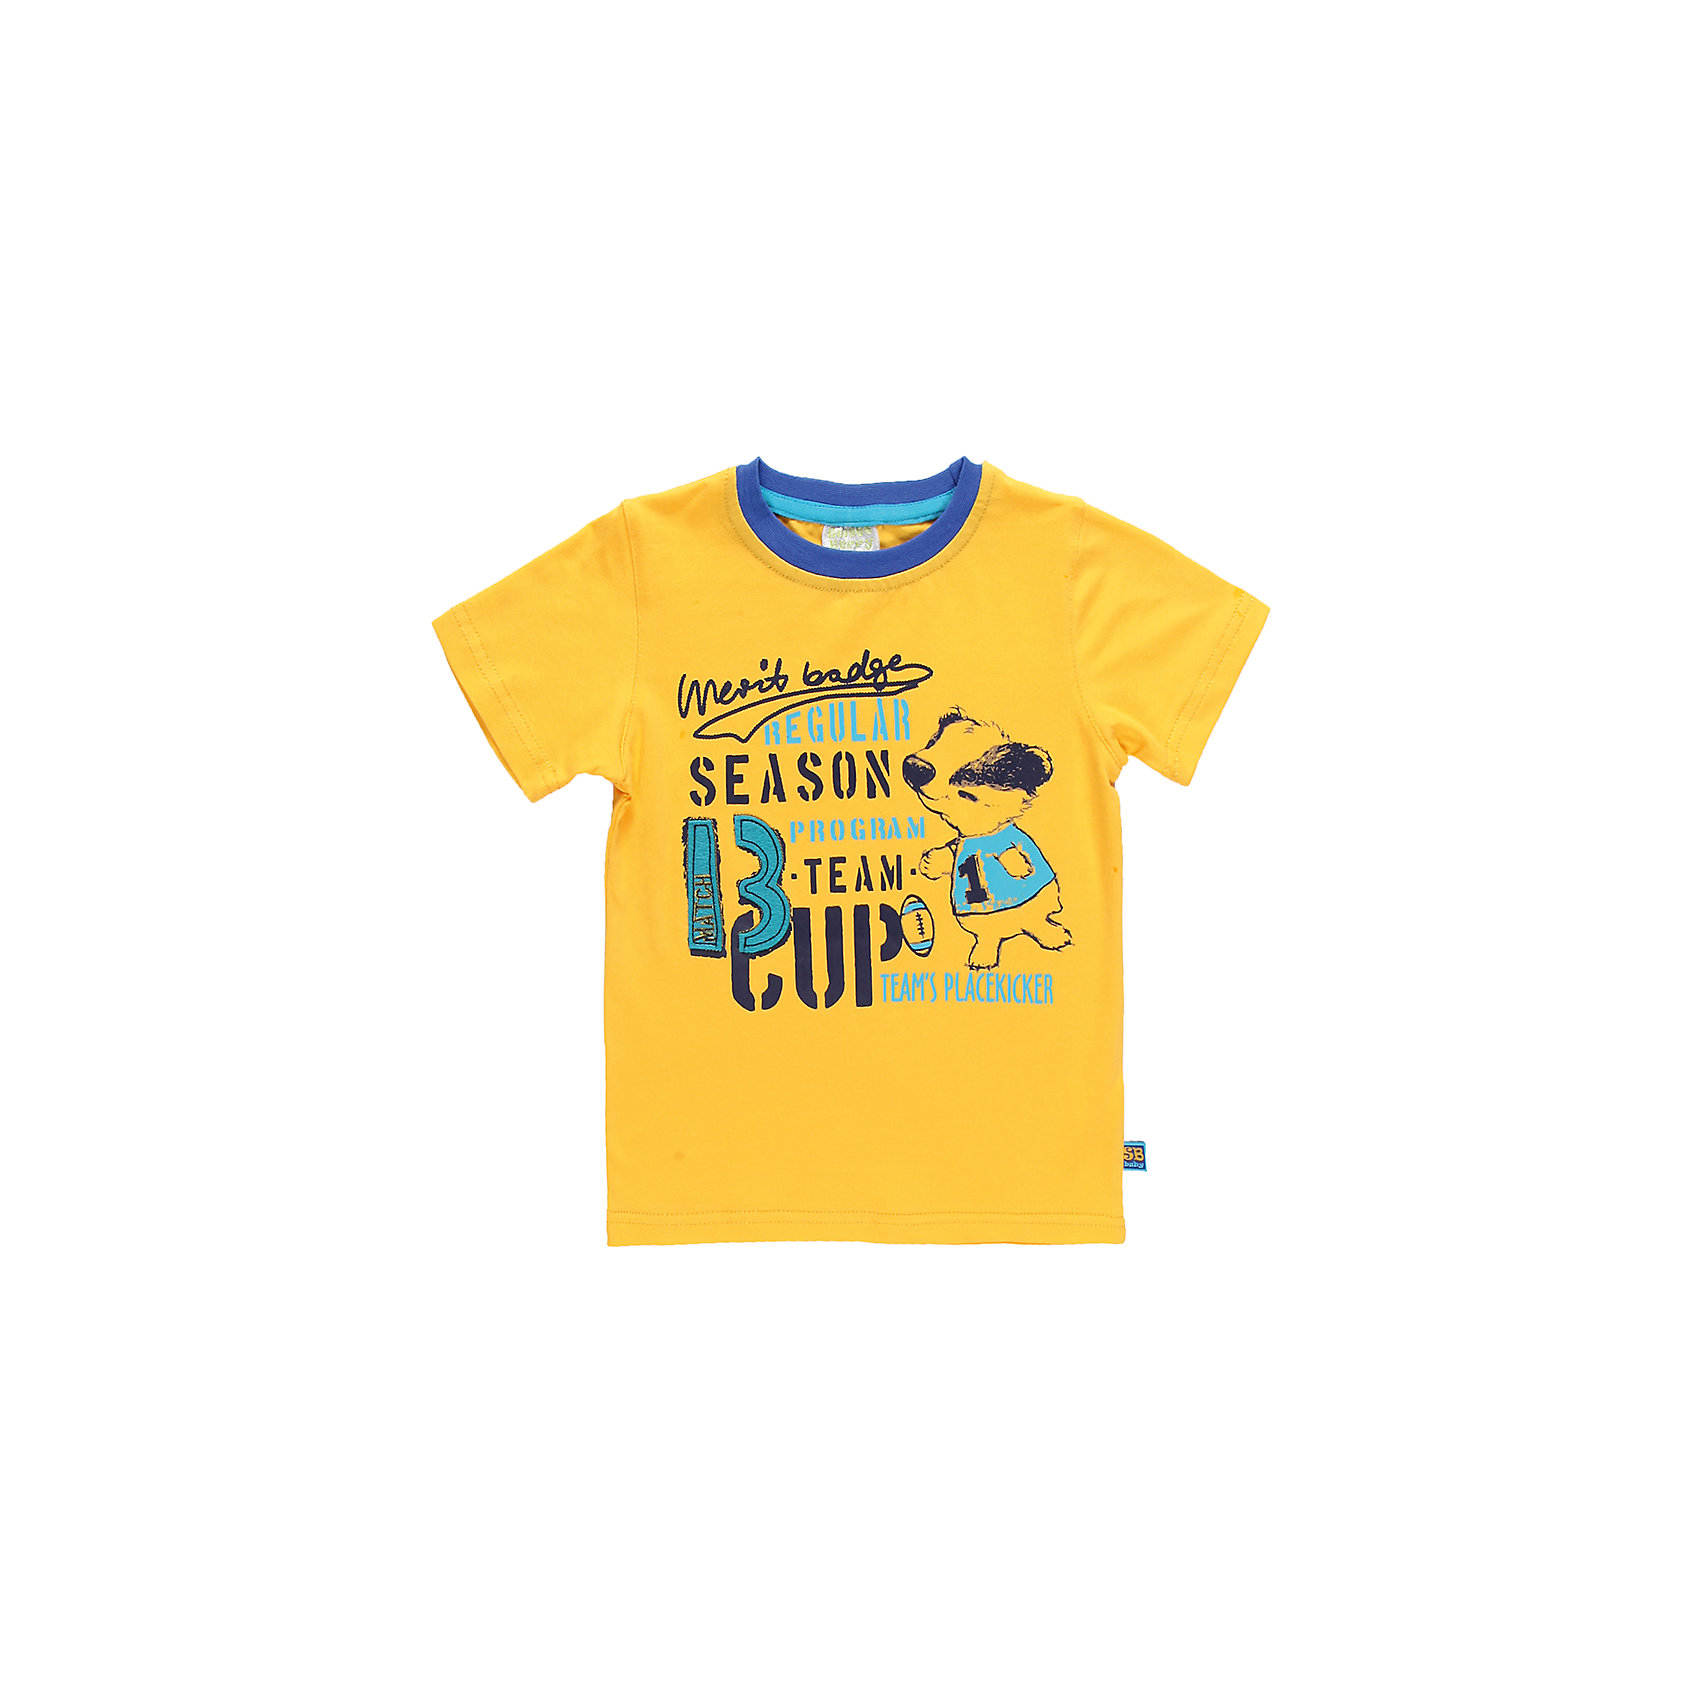 Футболка для мальчика Sweet BerryЛетняя футболка для мальчика. Горловина из эластичной трикотажной резинки контрастного цвета. Футболка украшена ярким принтом и аппликацией.<br>Состав:<br>95% хлопок 5% эластан<br><br>Ширина мм: 199<br>Глубина мм: 10<br>Высота мм: 161<br>Вес г: 151<br>Цвет: желтый<br>Возраст от месяцев: 9<br>Возраст до месяцев: 12<br>Пол: Мужской<br>Возраст: Детский<br>Размер: 80,86,98,92<br>SKU: 4522104